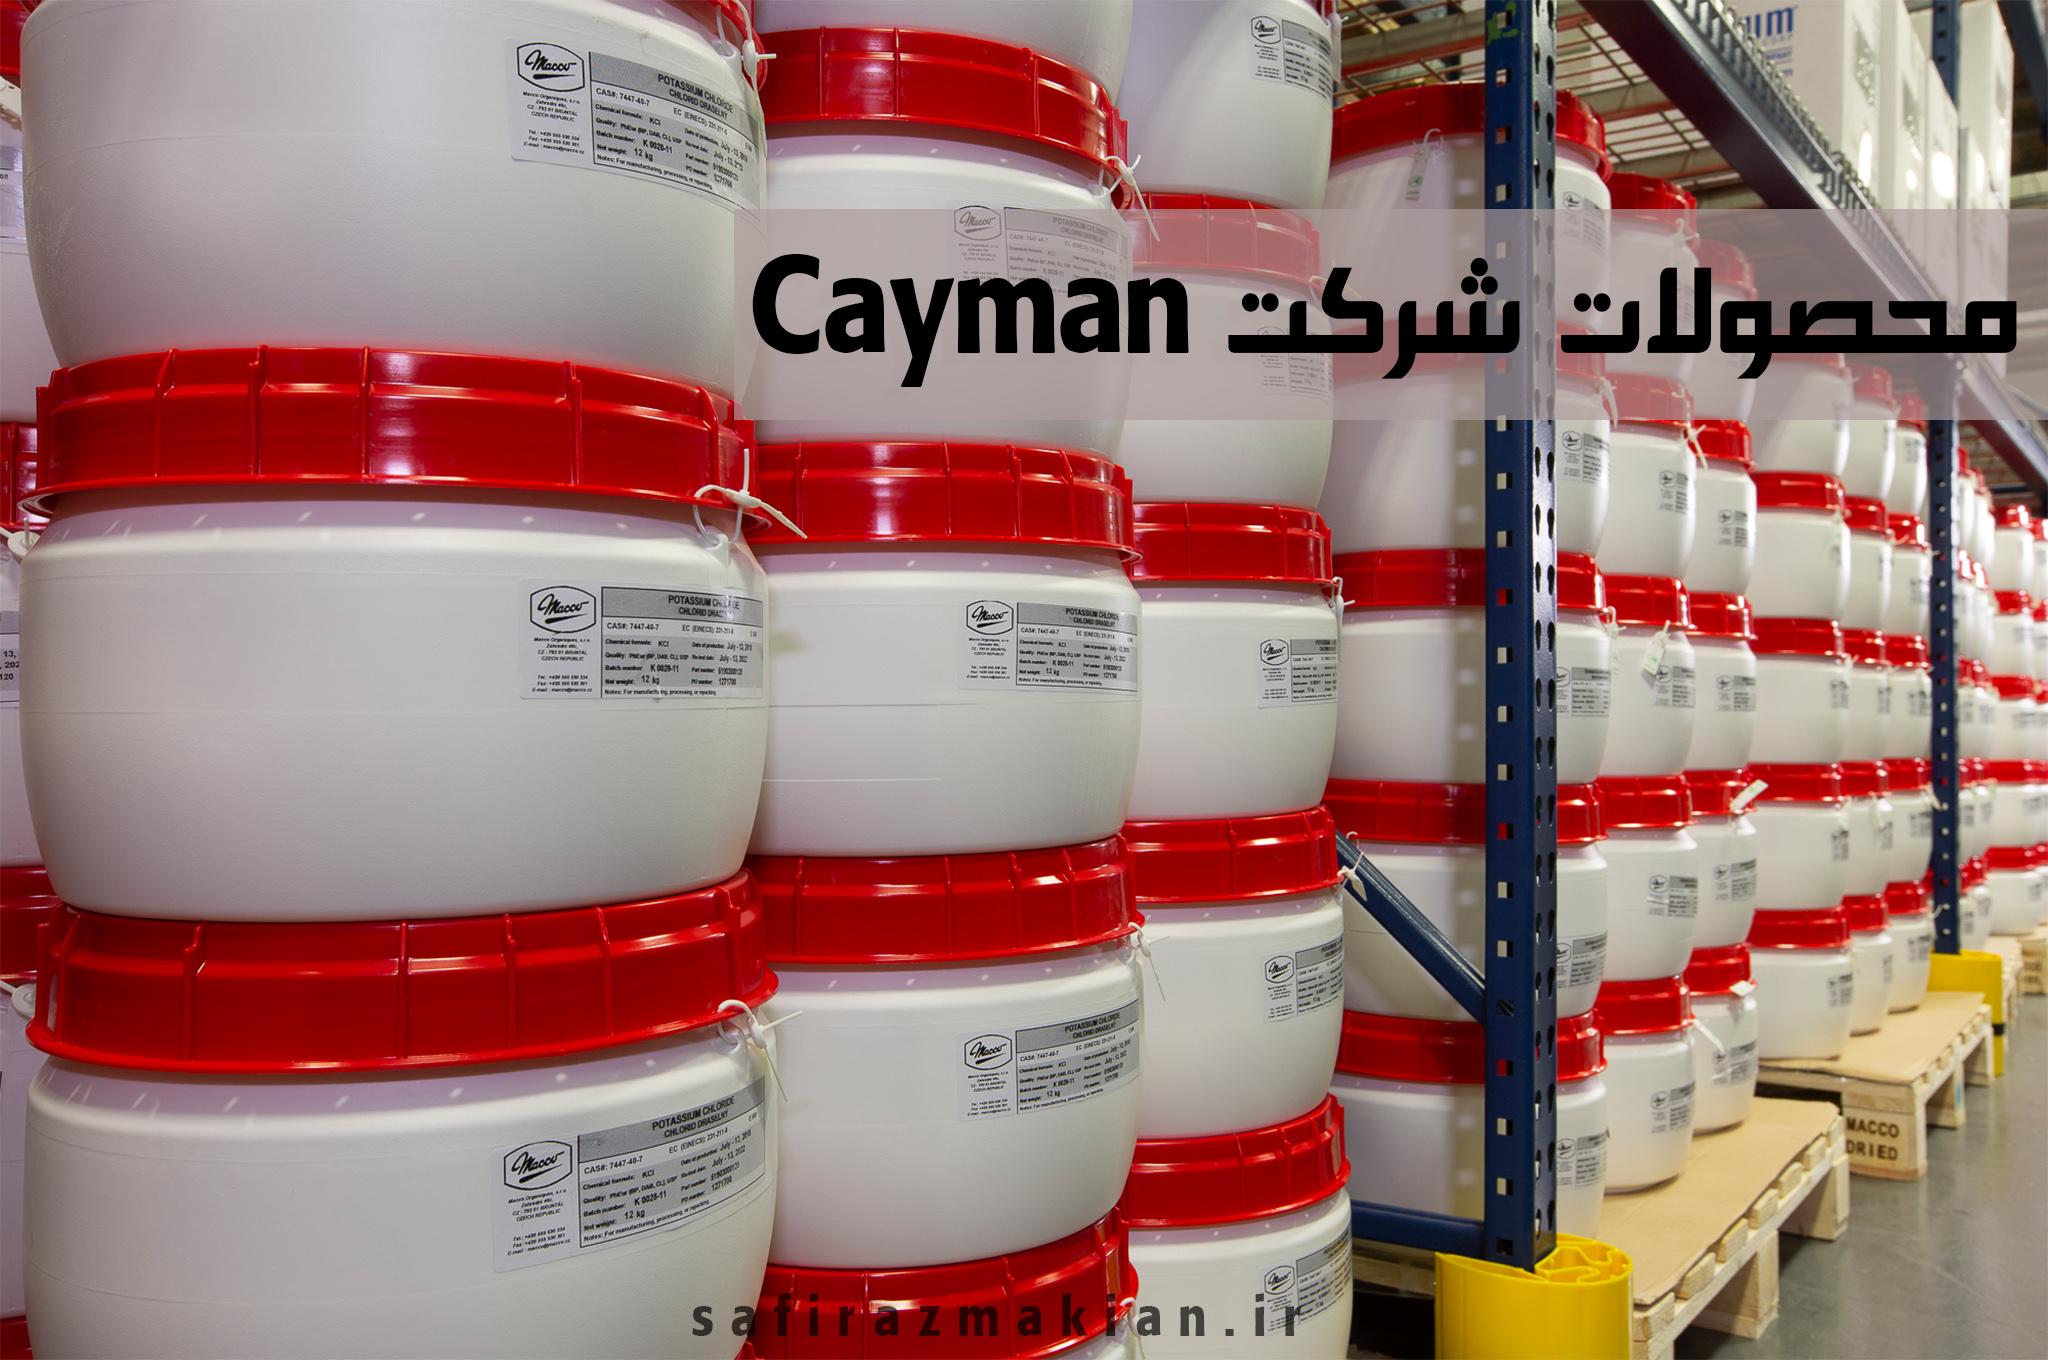 خرید محصولات cayman